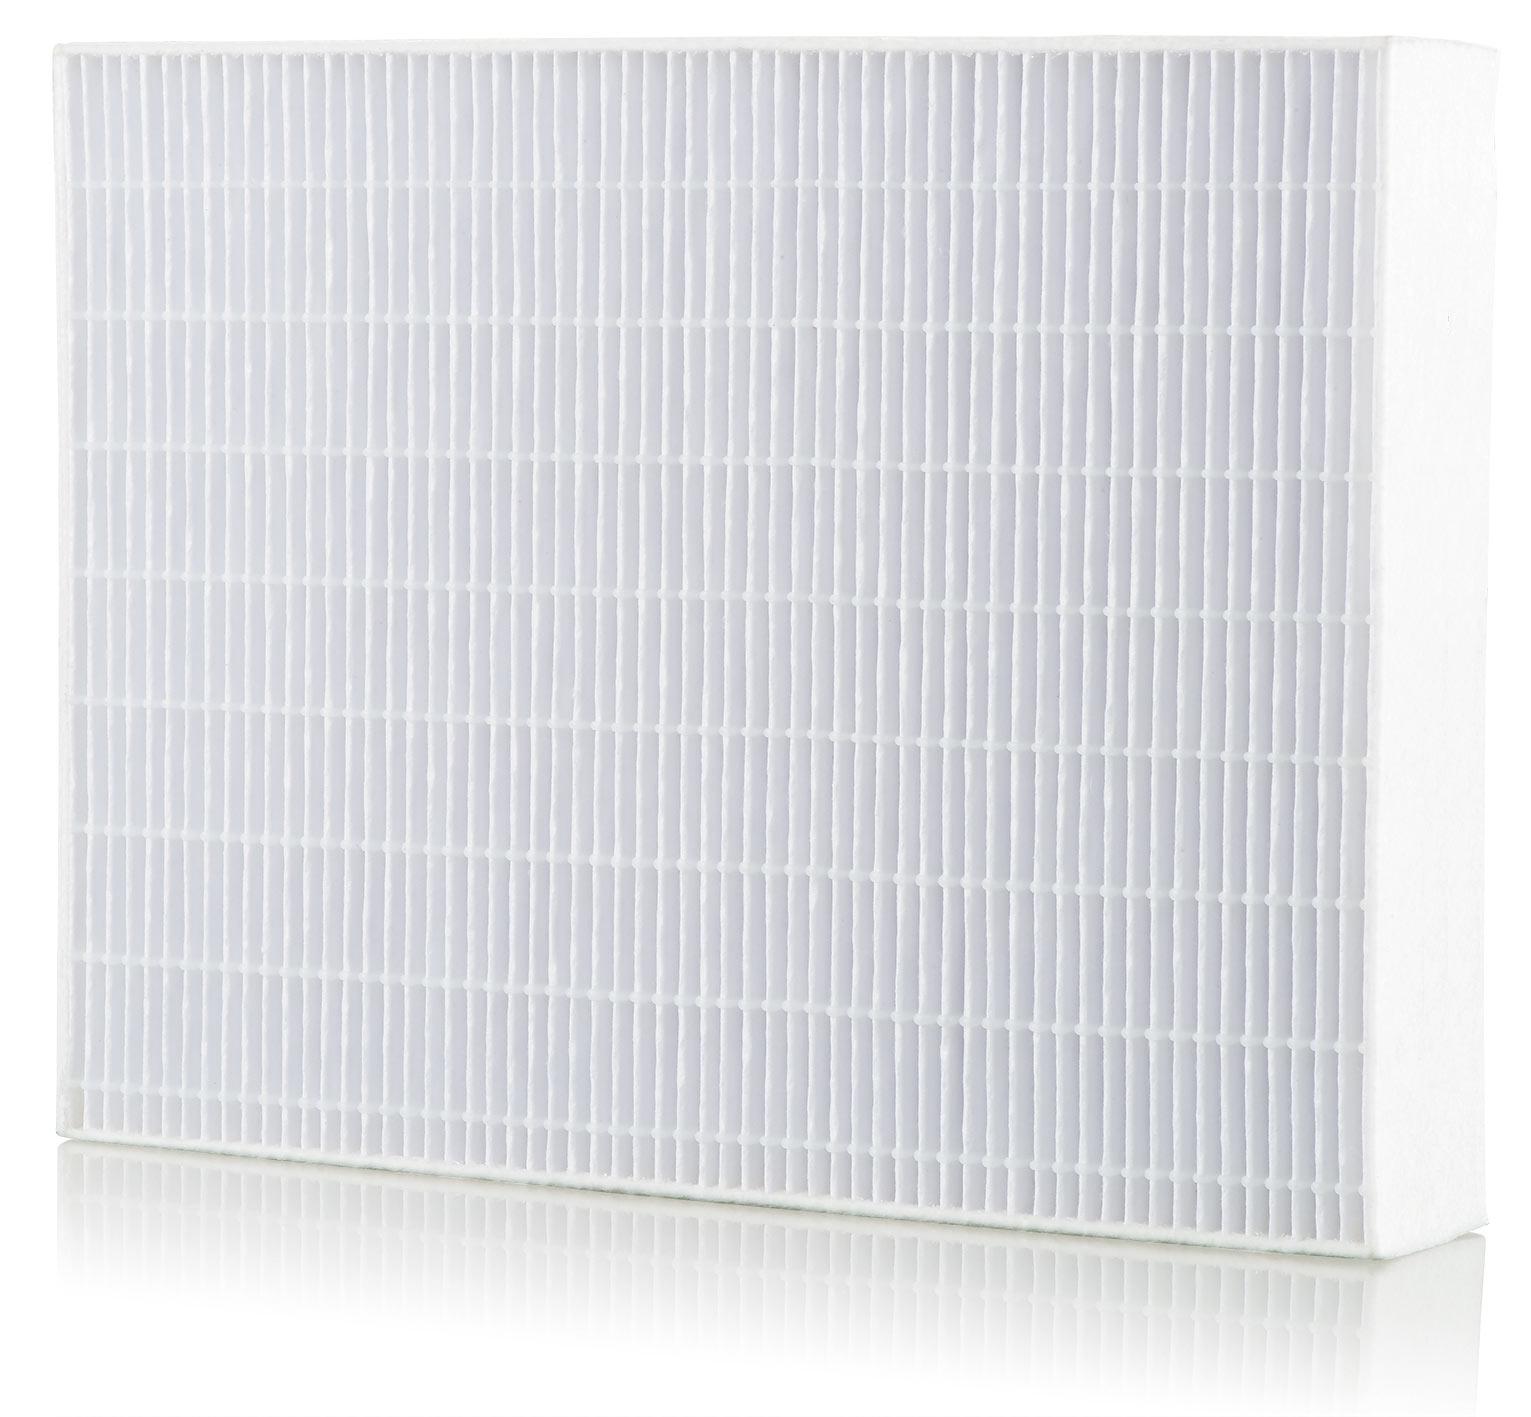 SIKU SF VUT 180 P5B EC Filter F7